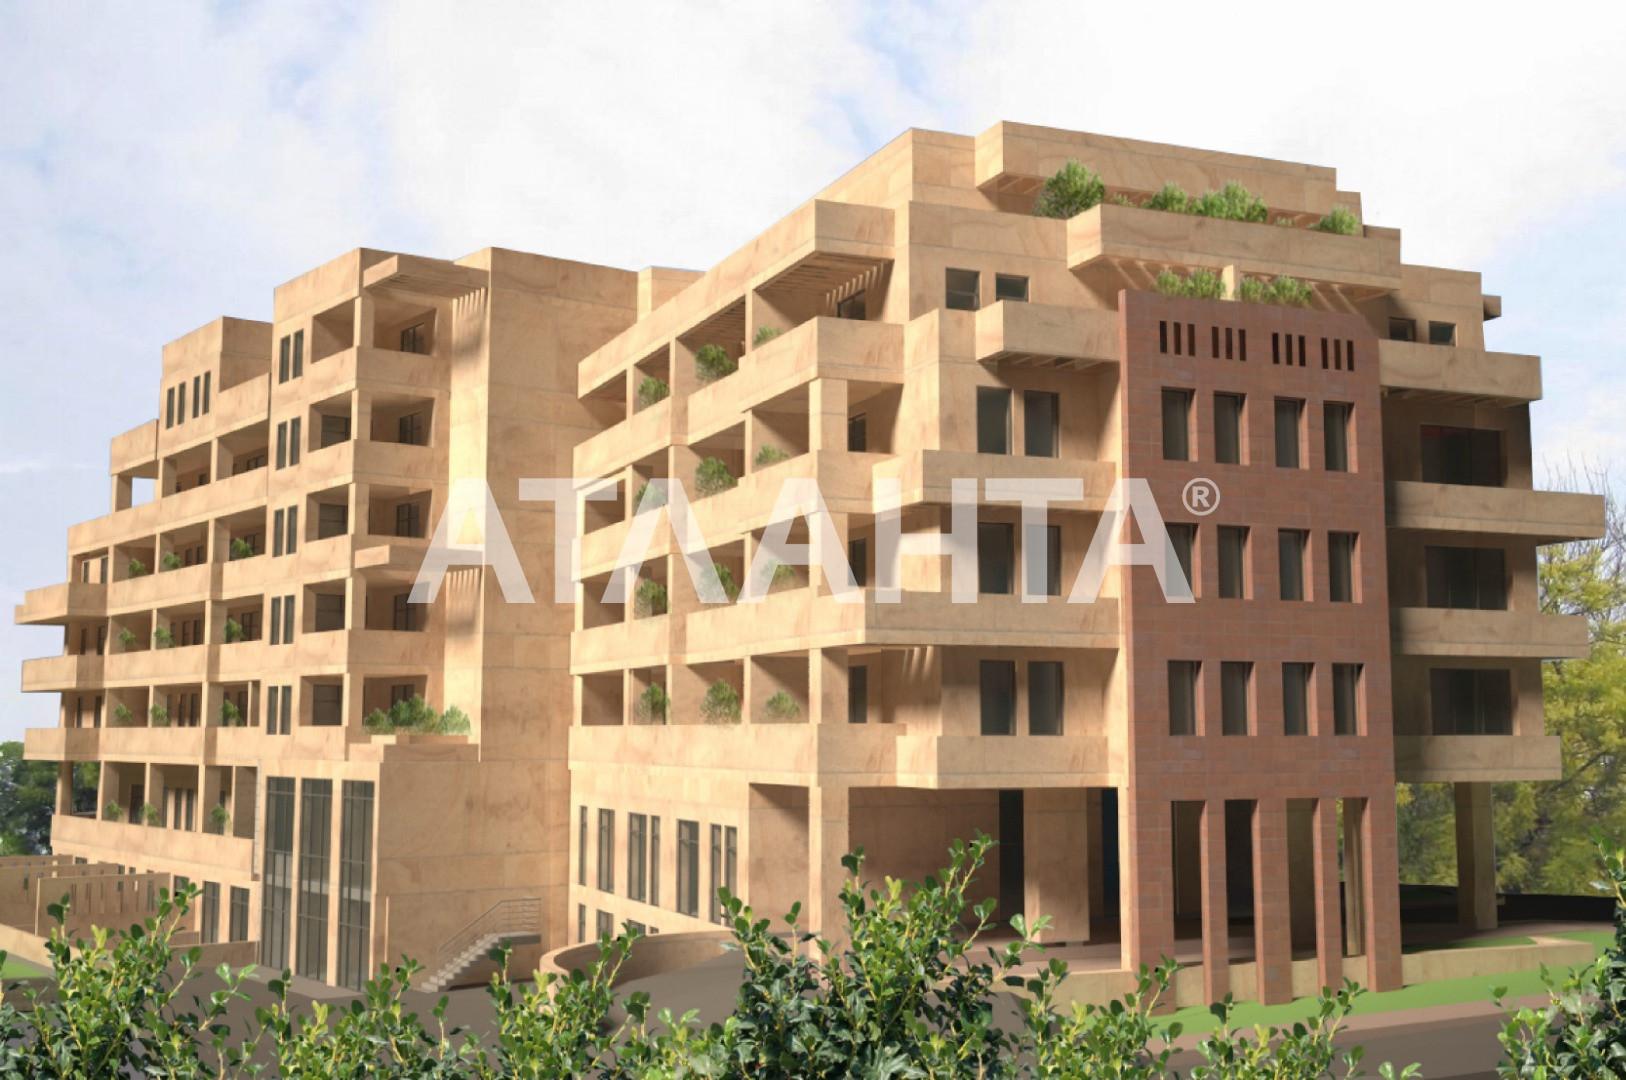 Продается 1-комнатная Квартира на ул. Каманина — 61 830 у.е. (фото №2)